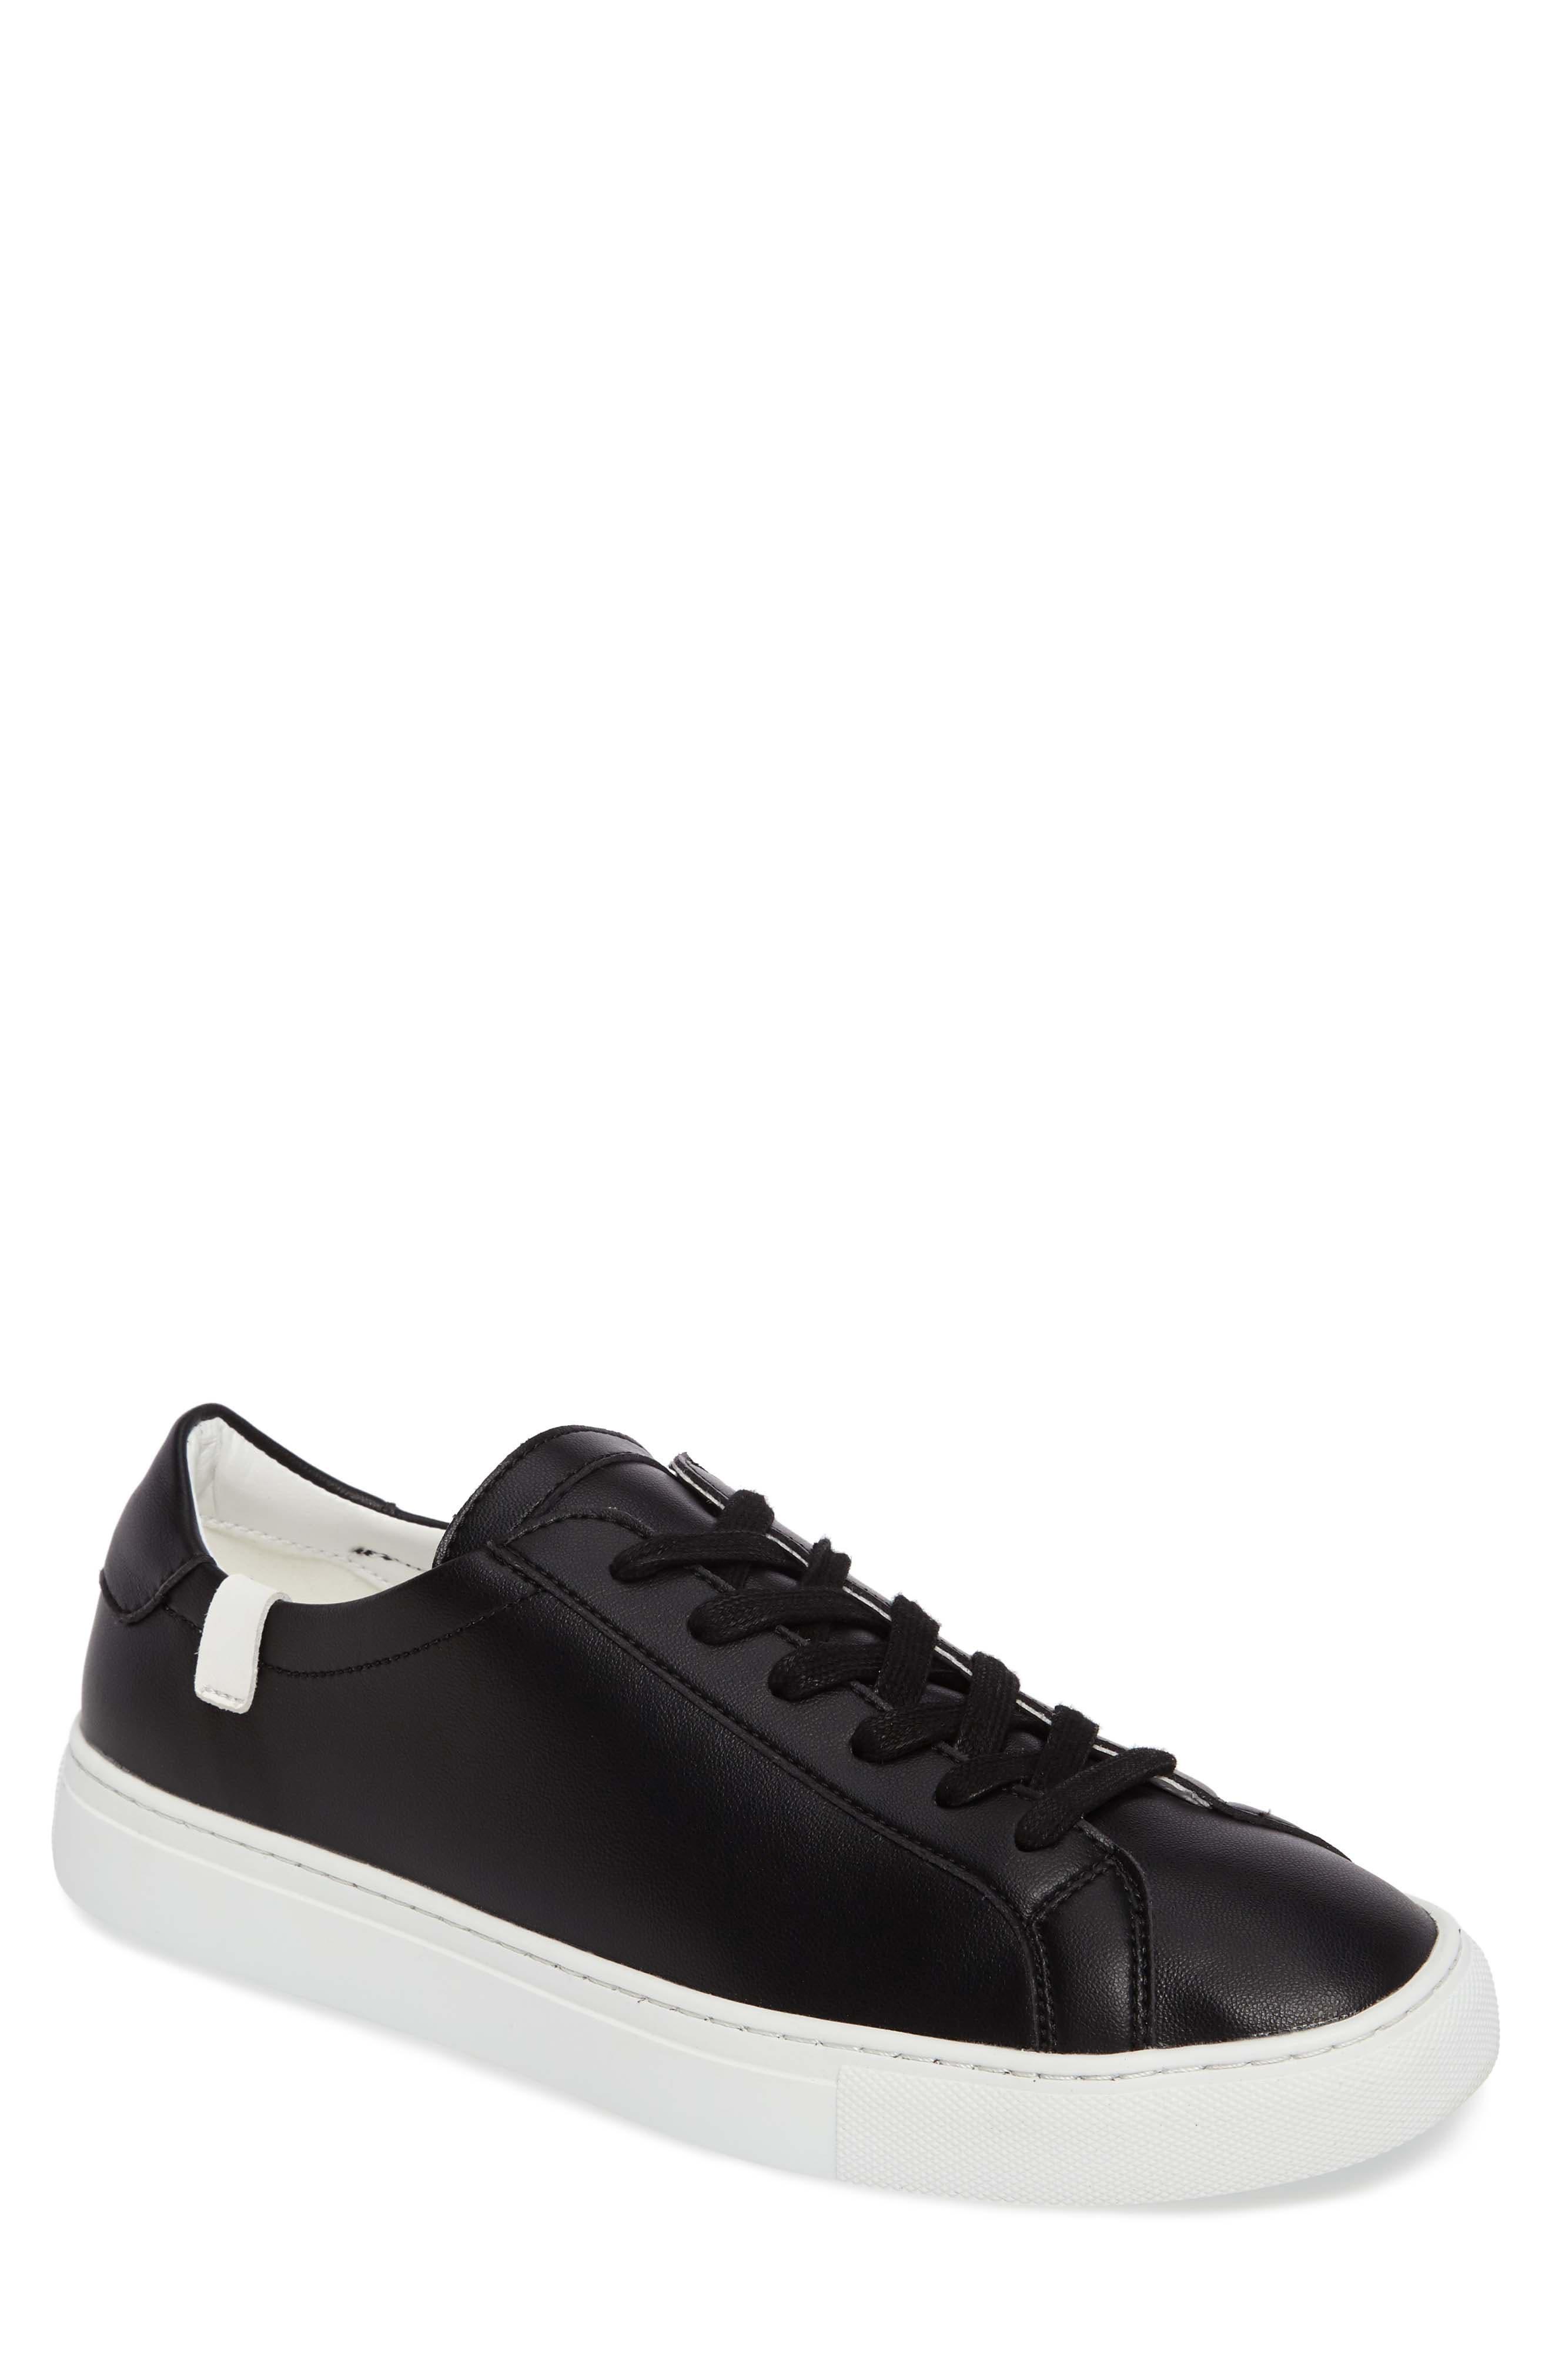 Original Low Top Sneaker, Main, color, 001